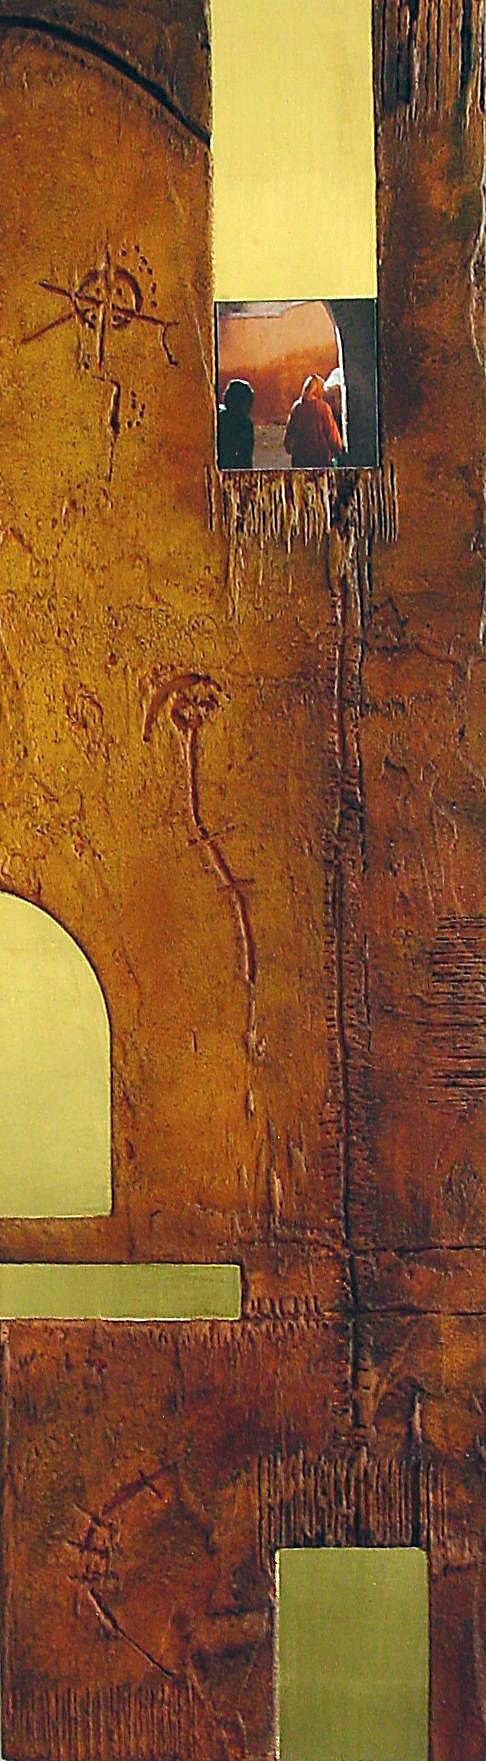 09-15 - Mixed Media Holz-29 x 100 cm-1